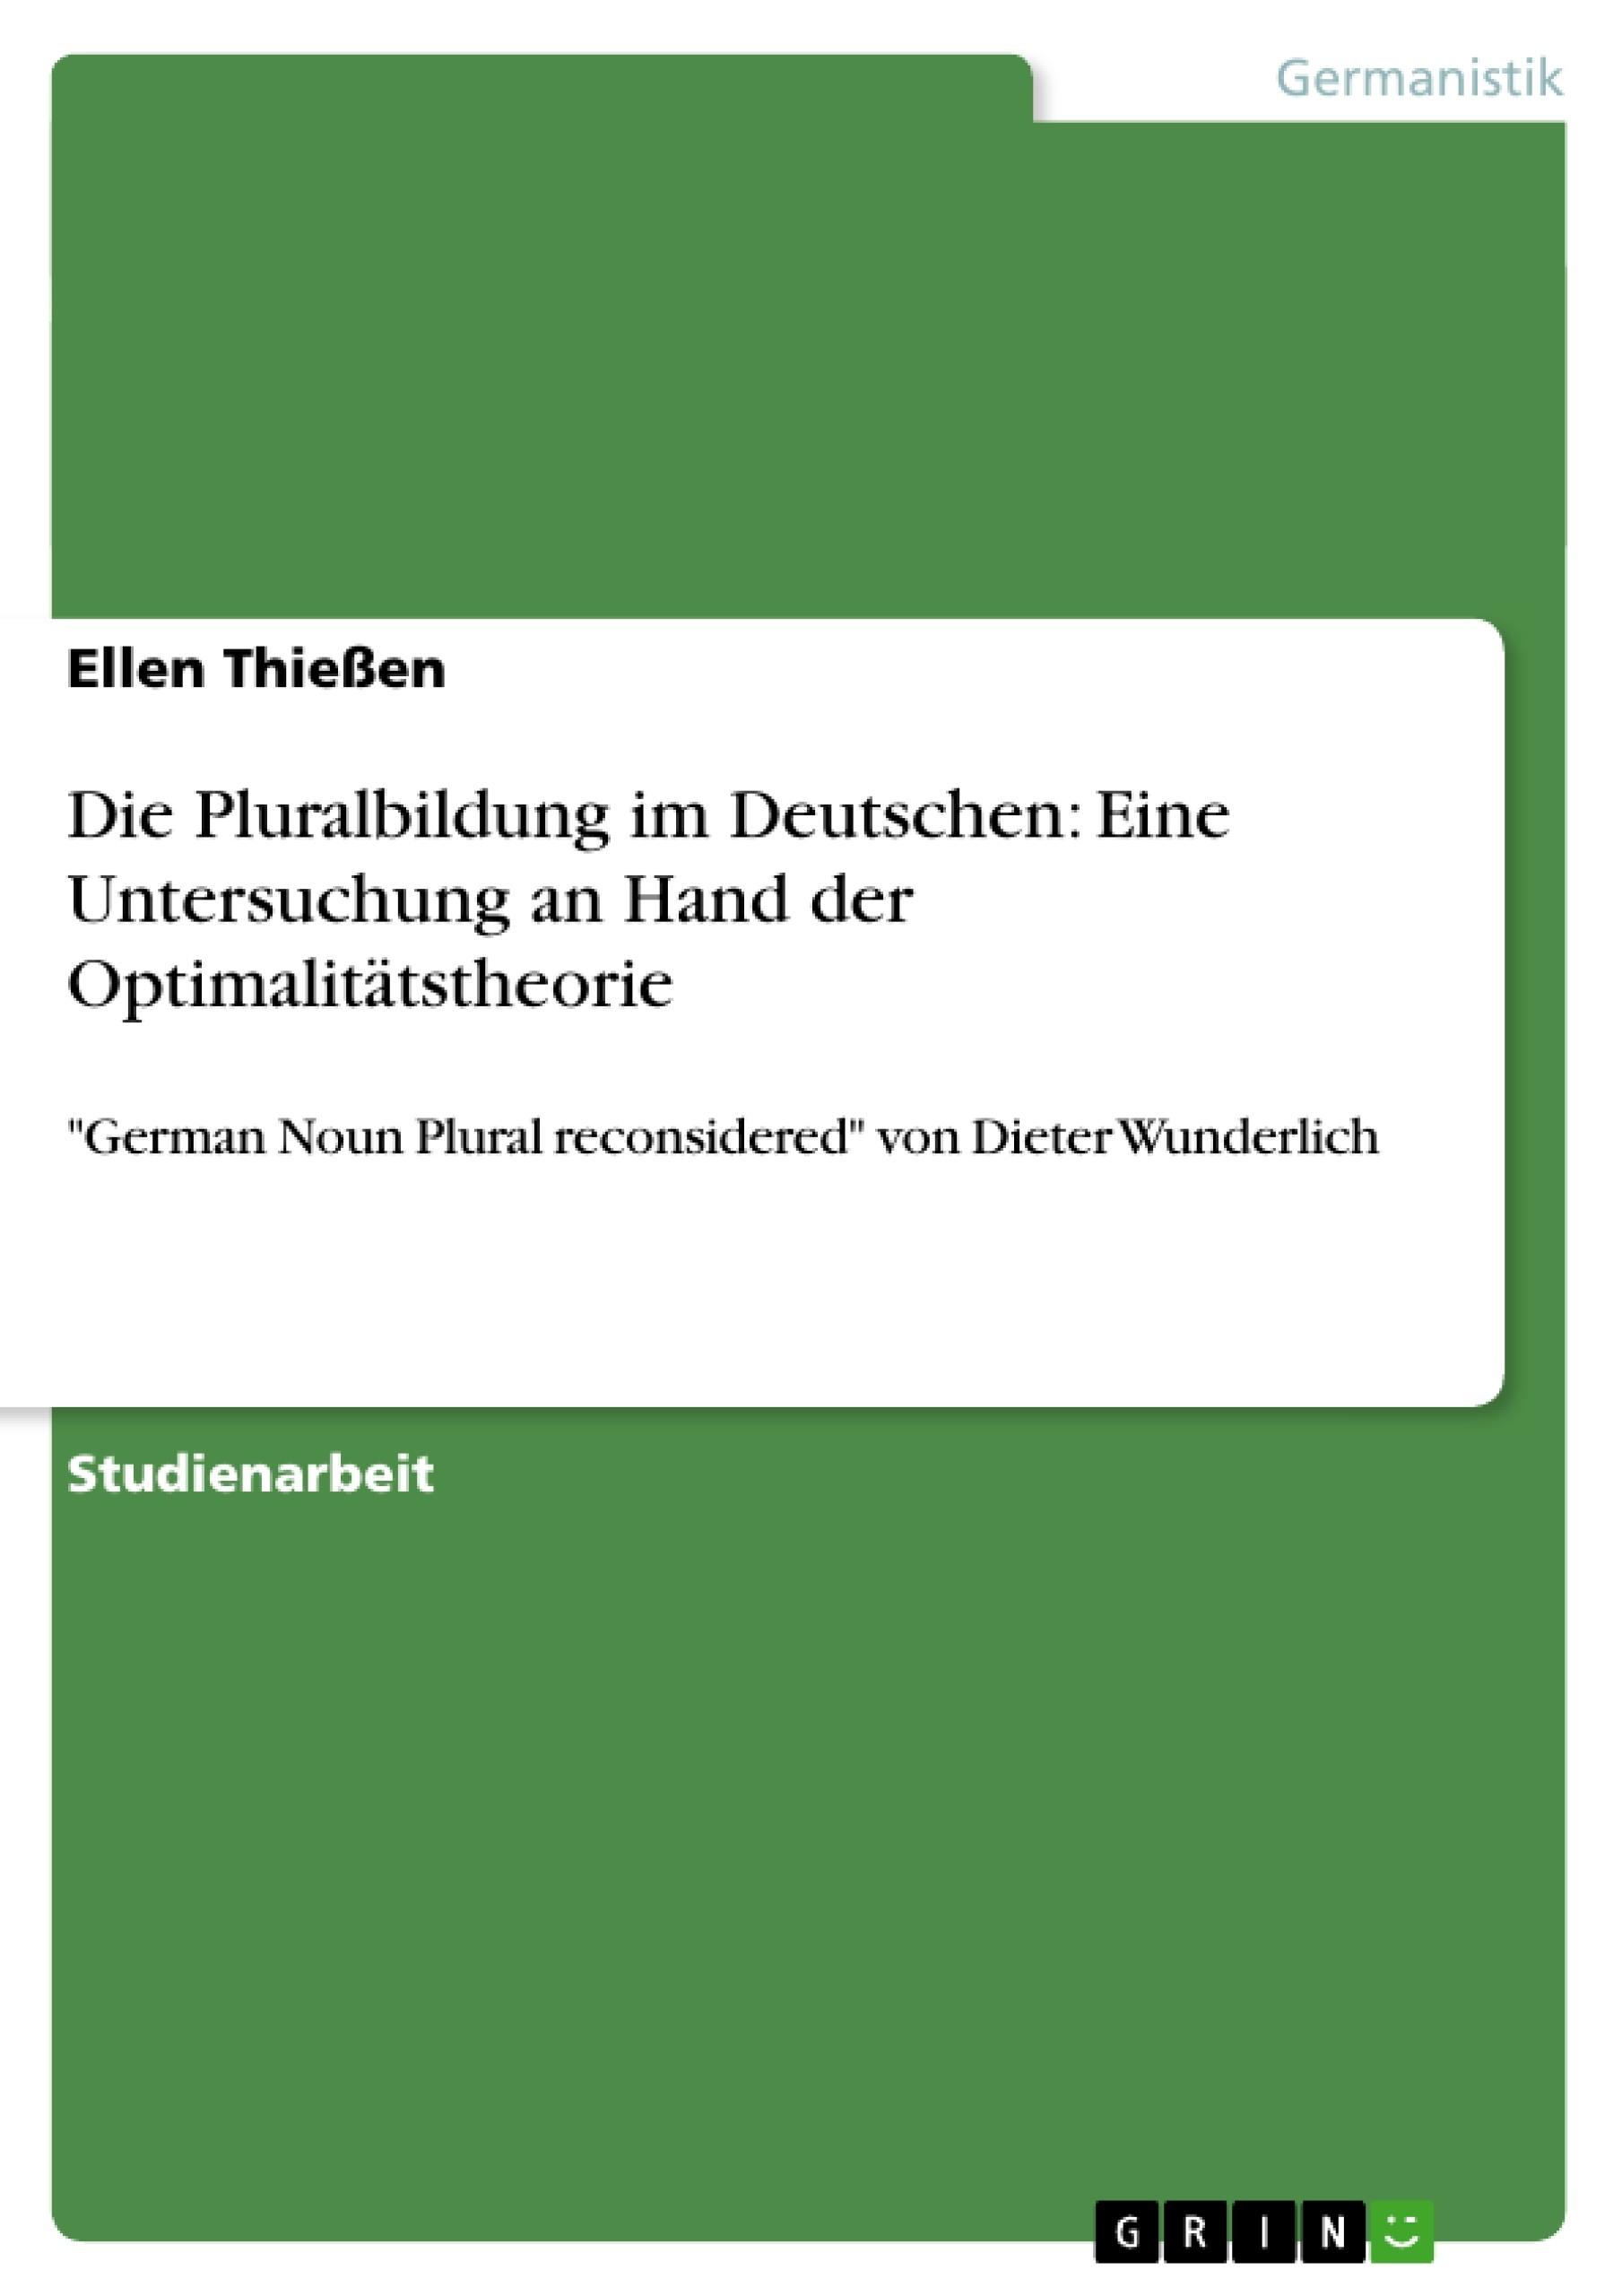 Titel: Die Pluralbildung im Deutschen: Eine Untersuchung an Hand der Optimalitätstheorie